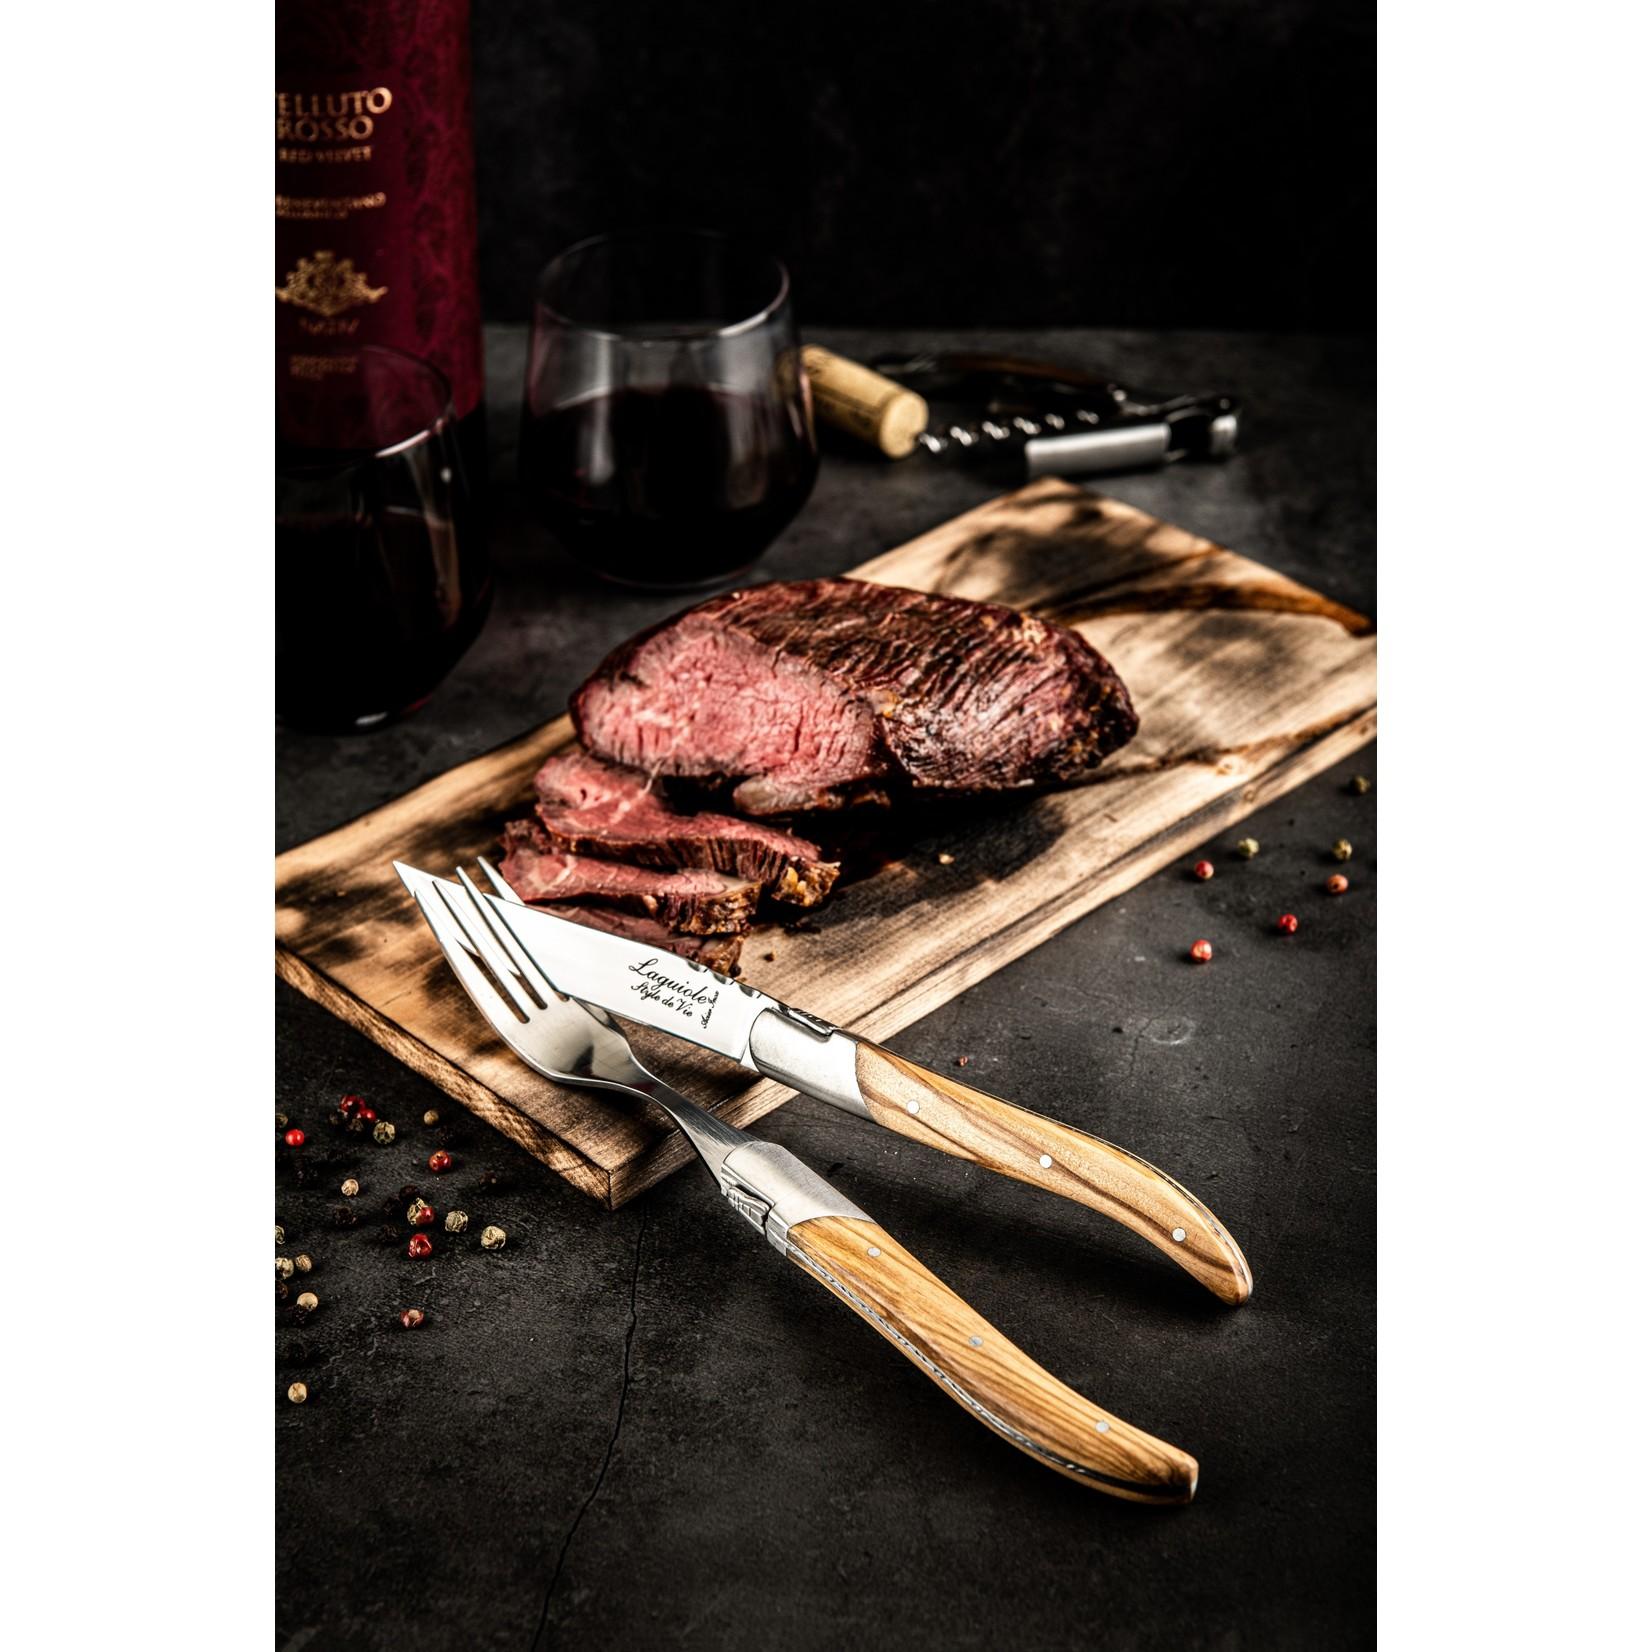 Laguiole Style de Vie Laguiole Style de Vie Luxury Line vorken 6-delig olijfhout